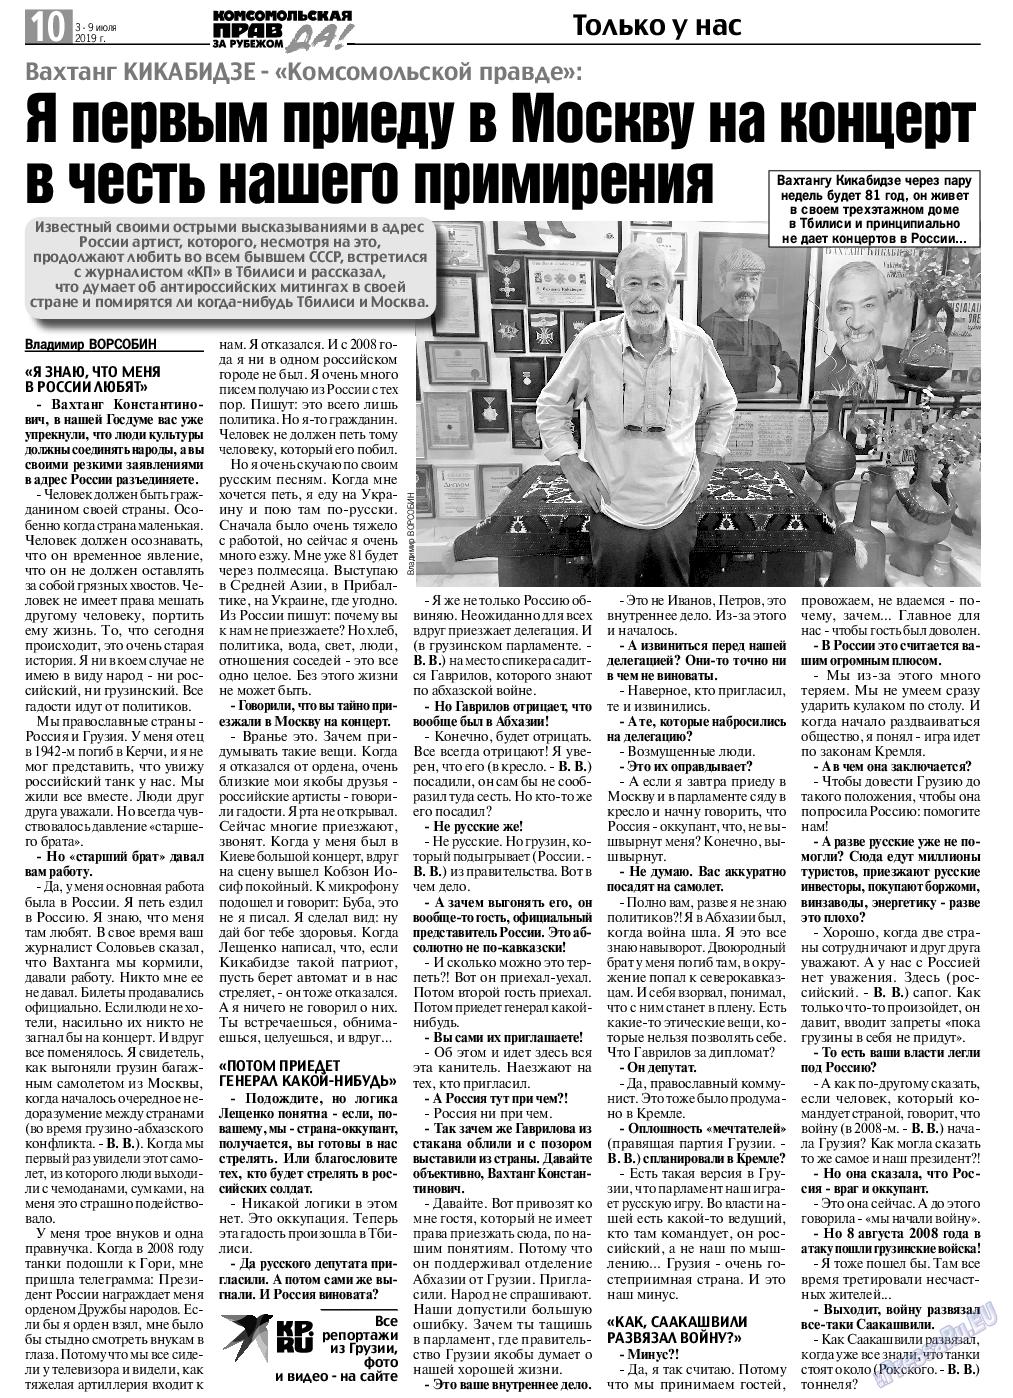 КП в Европе (газета). 2019 год, номер 27, стр. 10